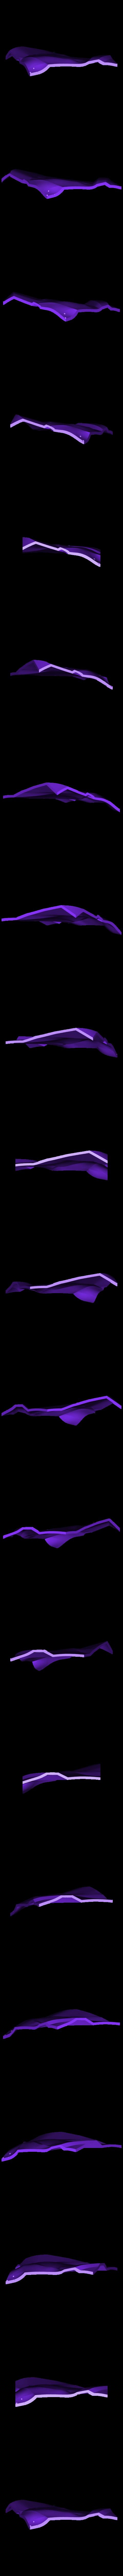 Part 5 v3.stl Download STL file Red Hood Helmet Injustice 2 • Model to 3D print, VillainousPropShop